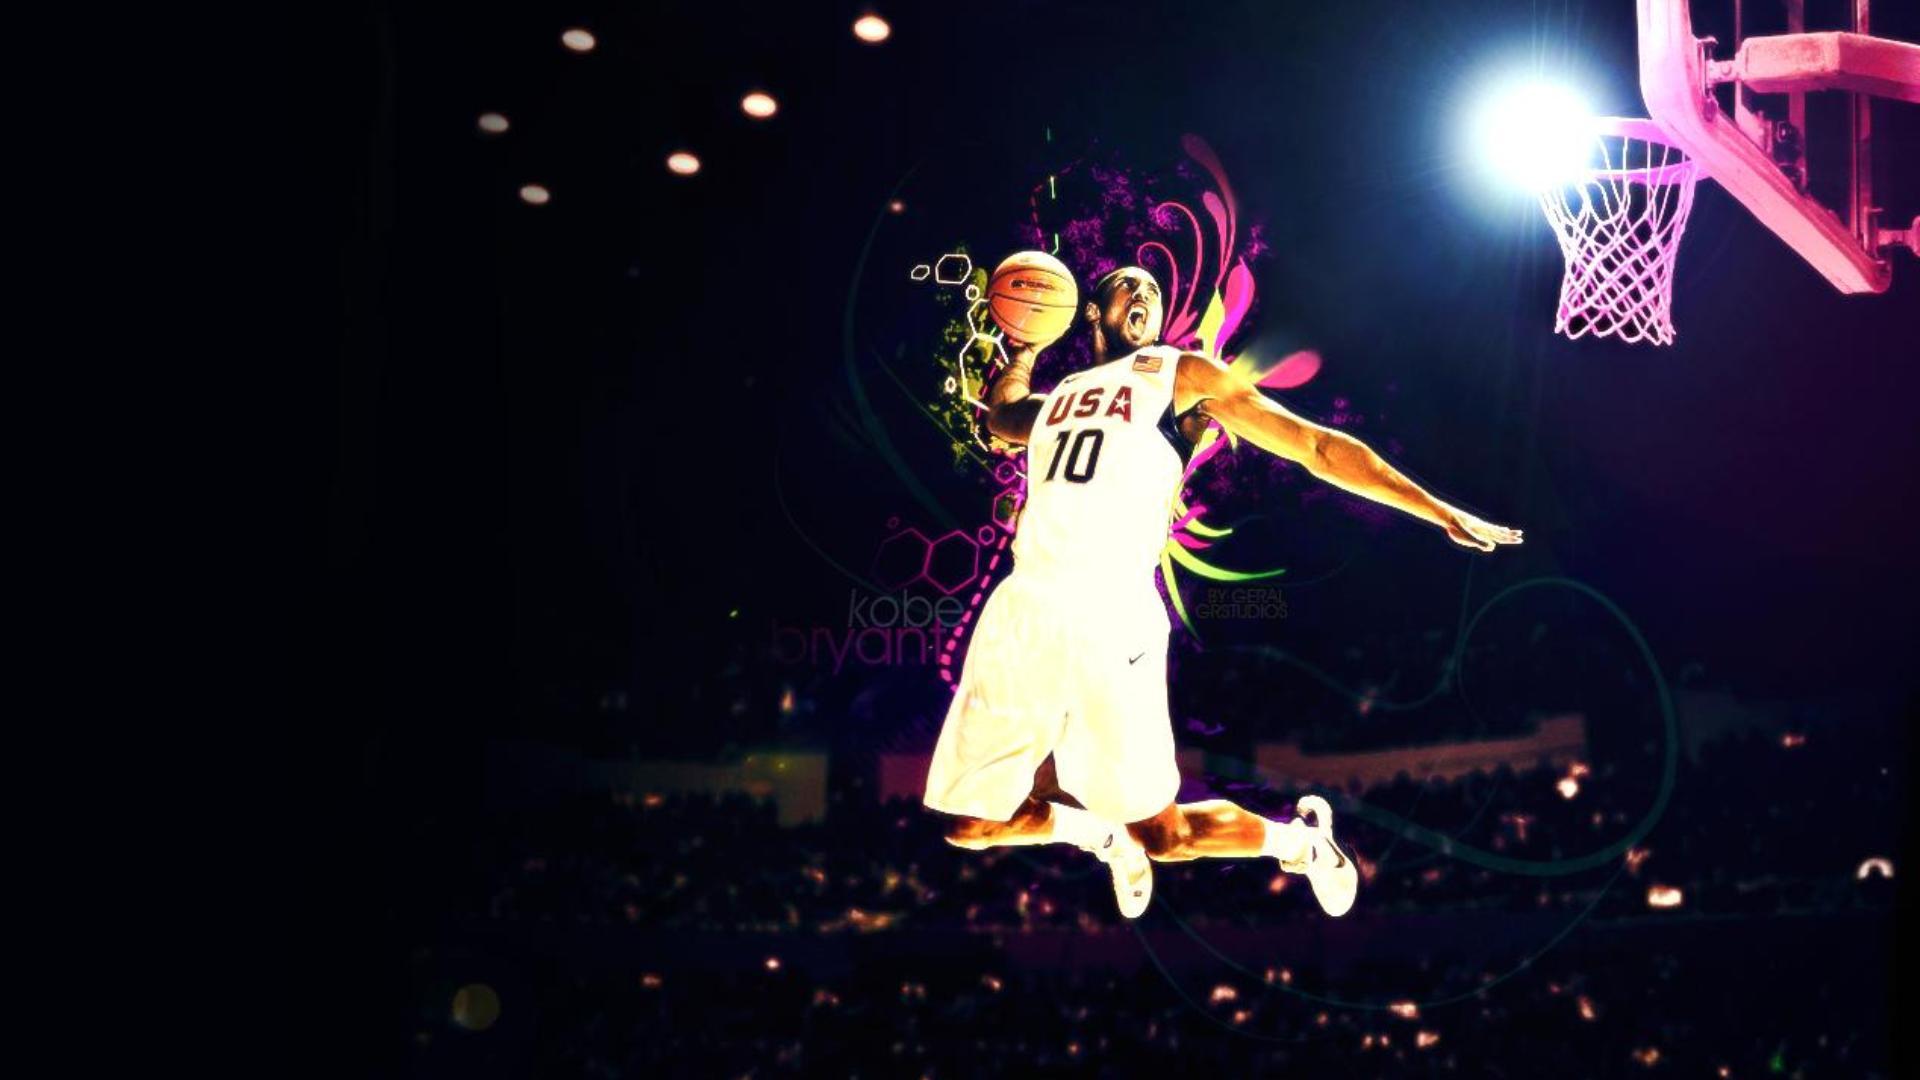 Kobe Bryant wallpapers Kobe Bryant background 1920x1080